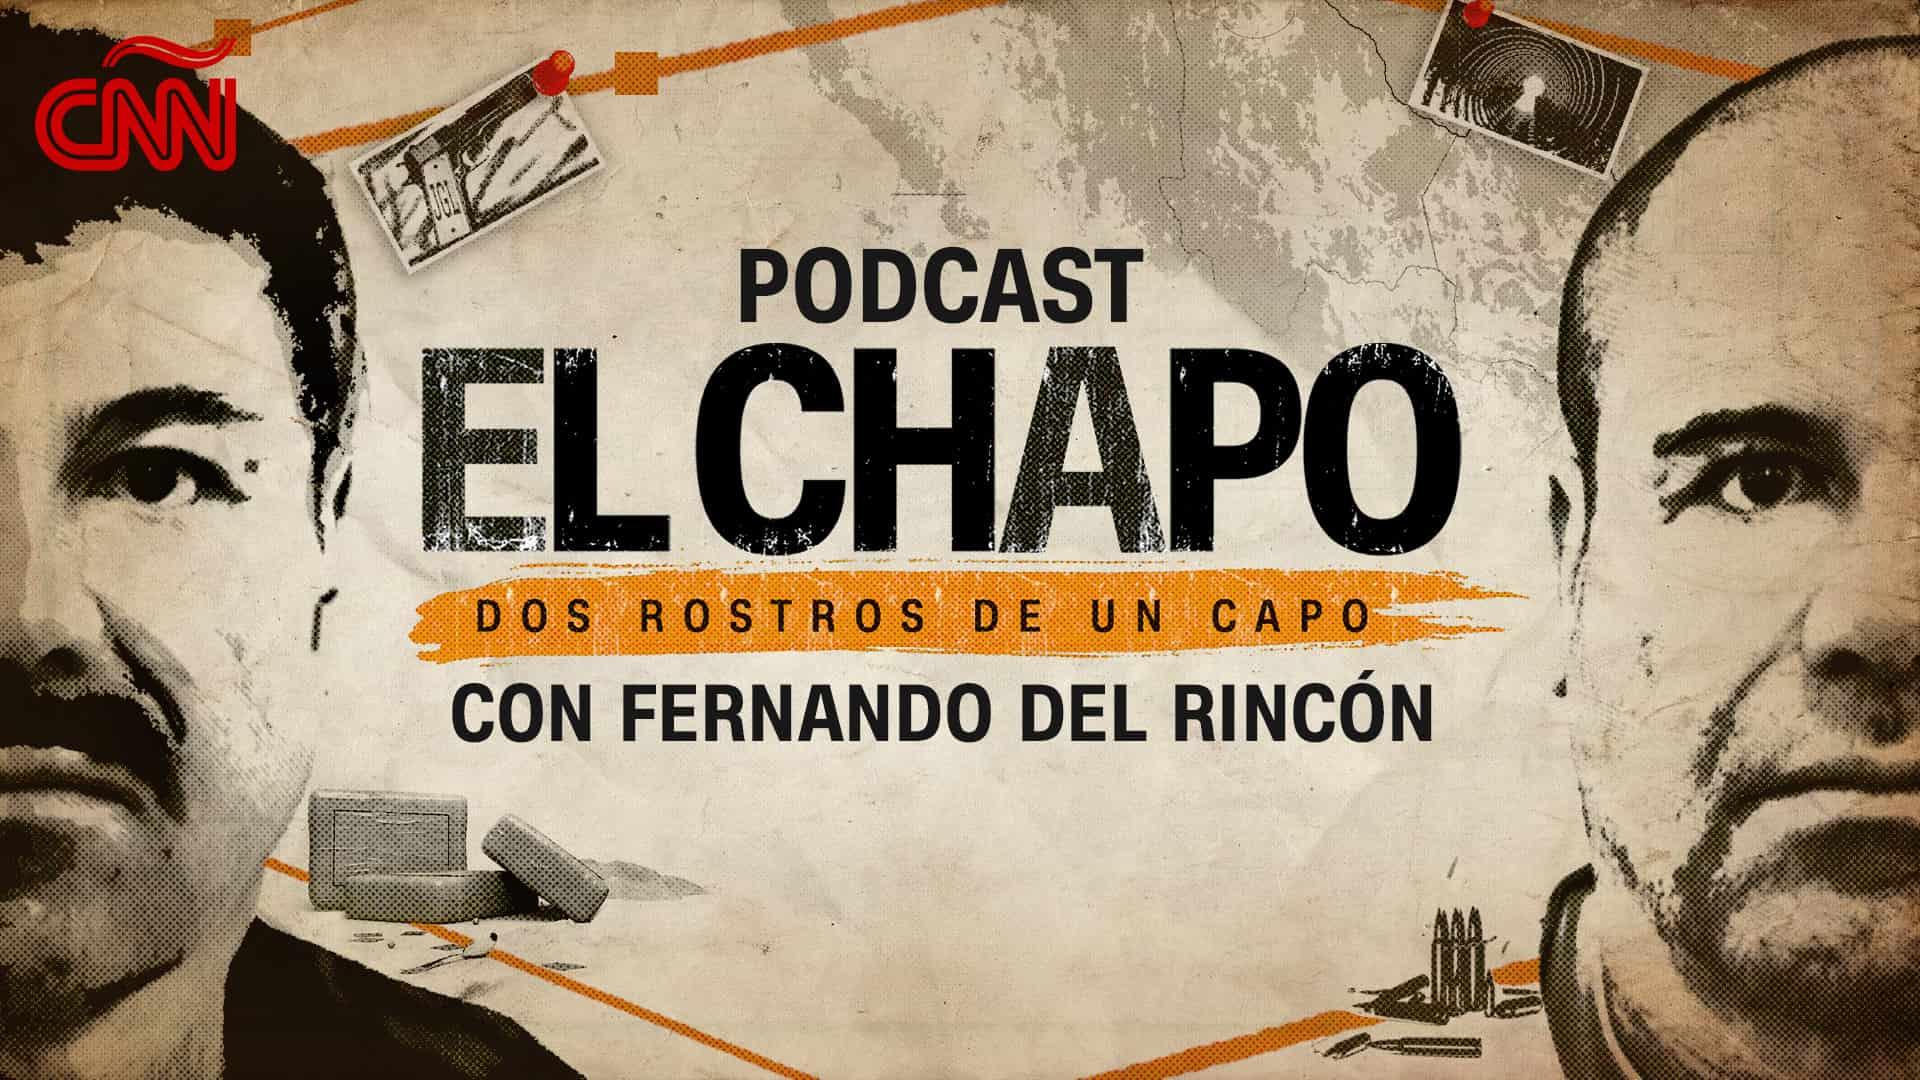 El Chapo Podcast